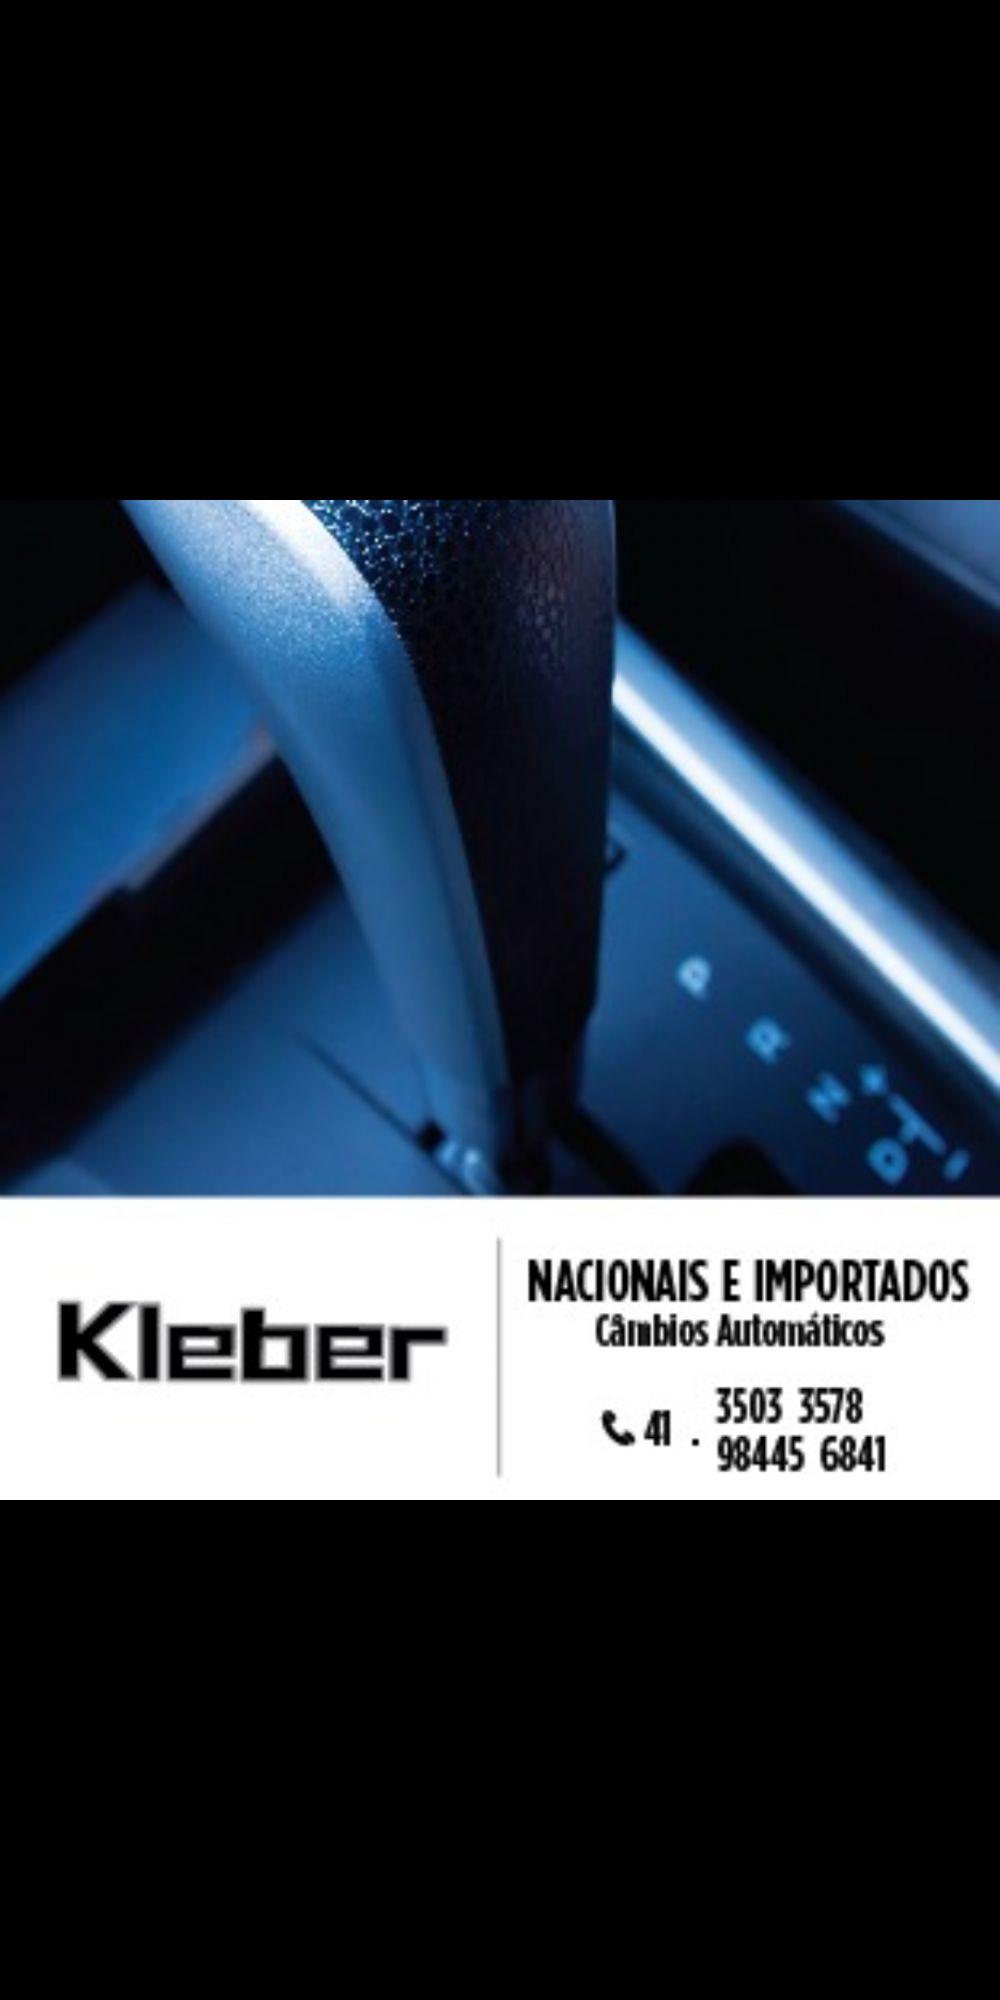 Kleber câmbios automáticos